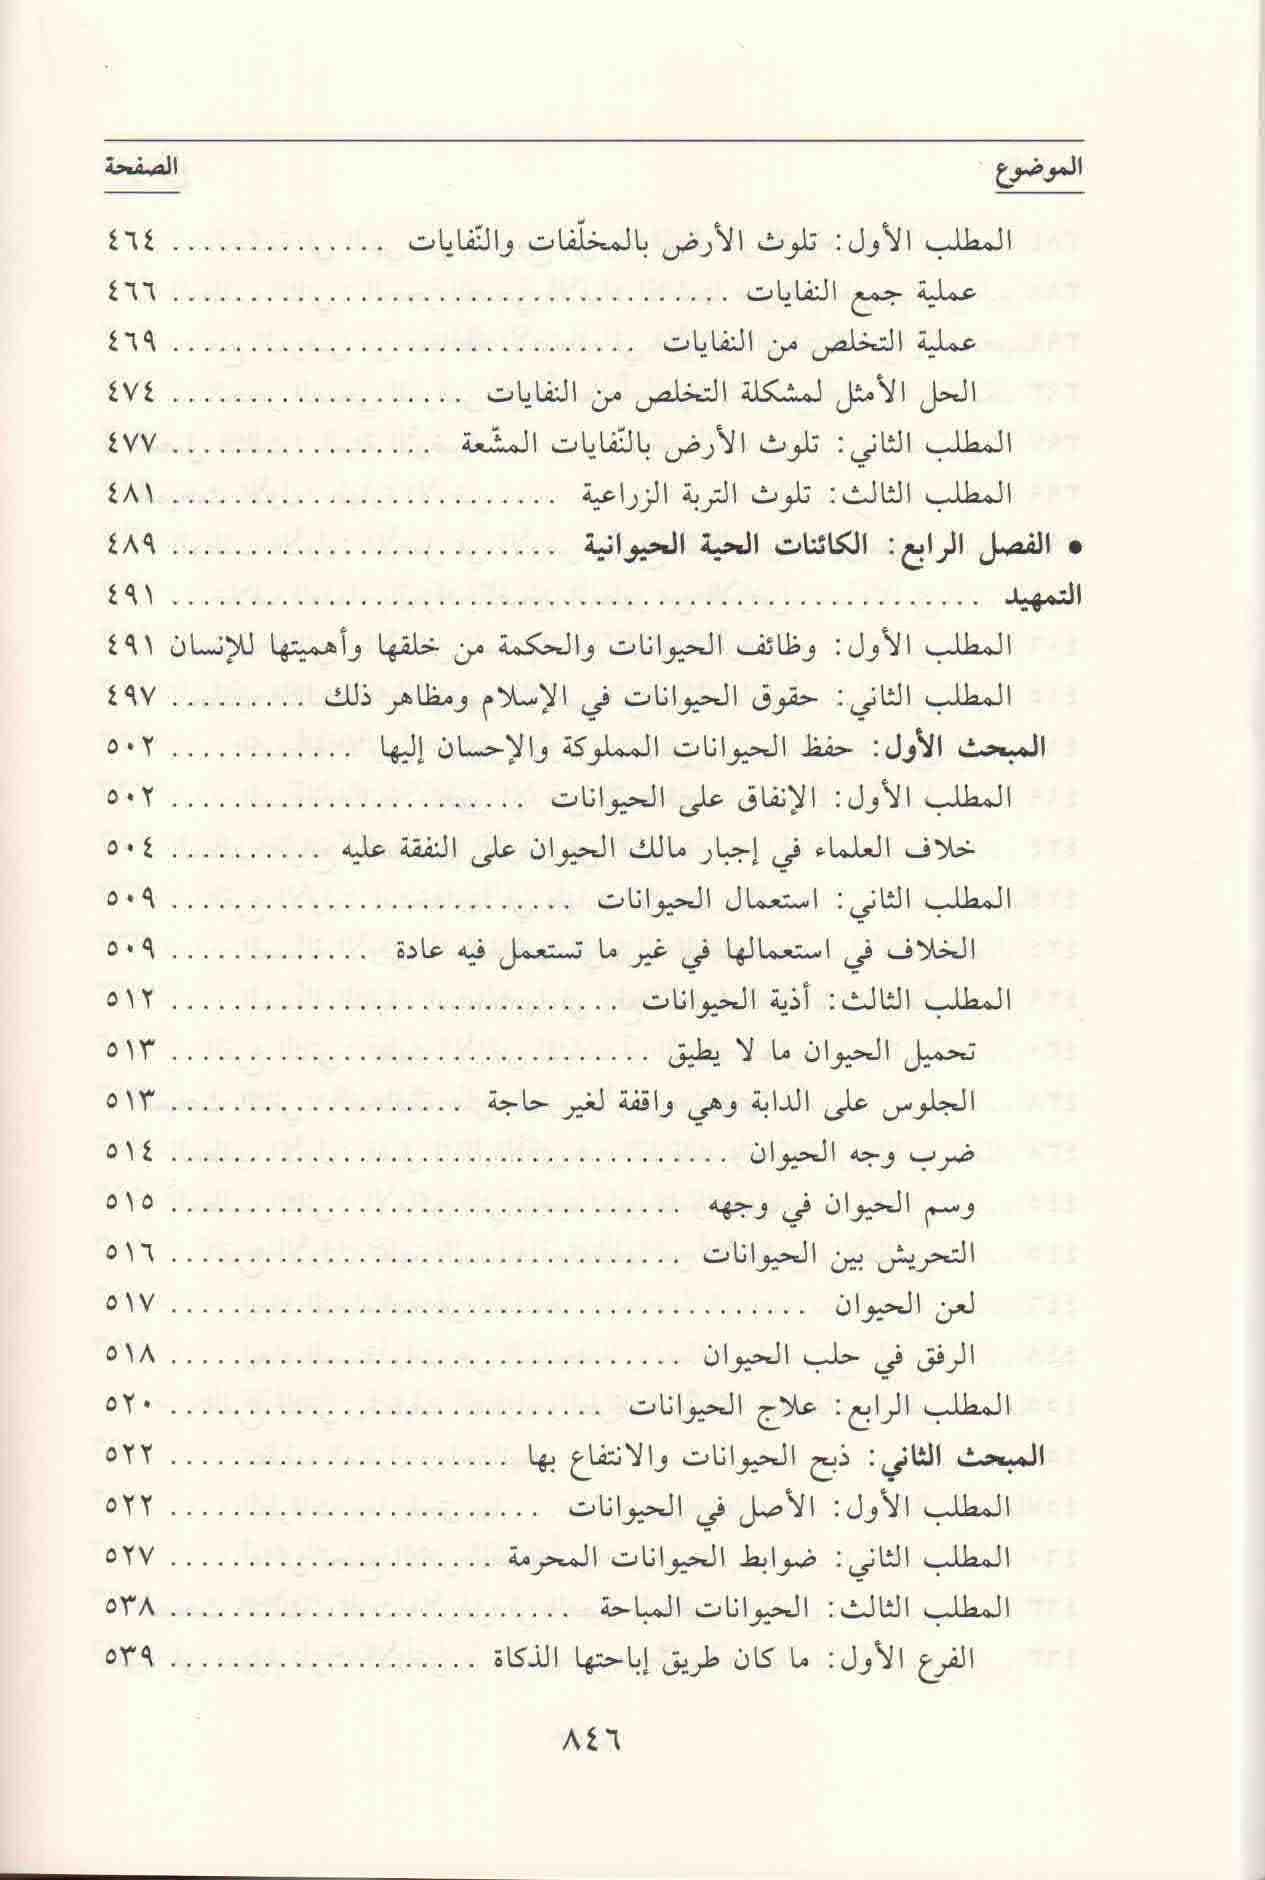 ص 846 محتويات كتاب أحكام البيئة